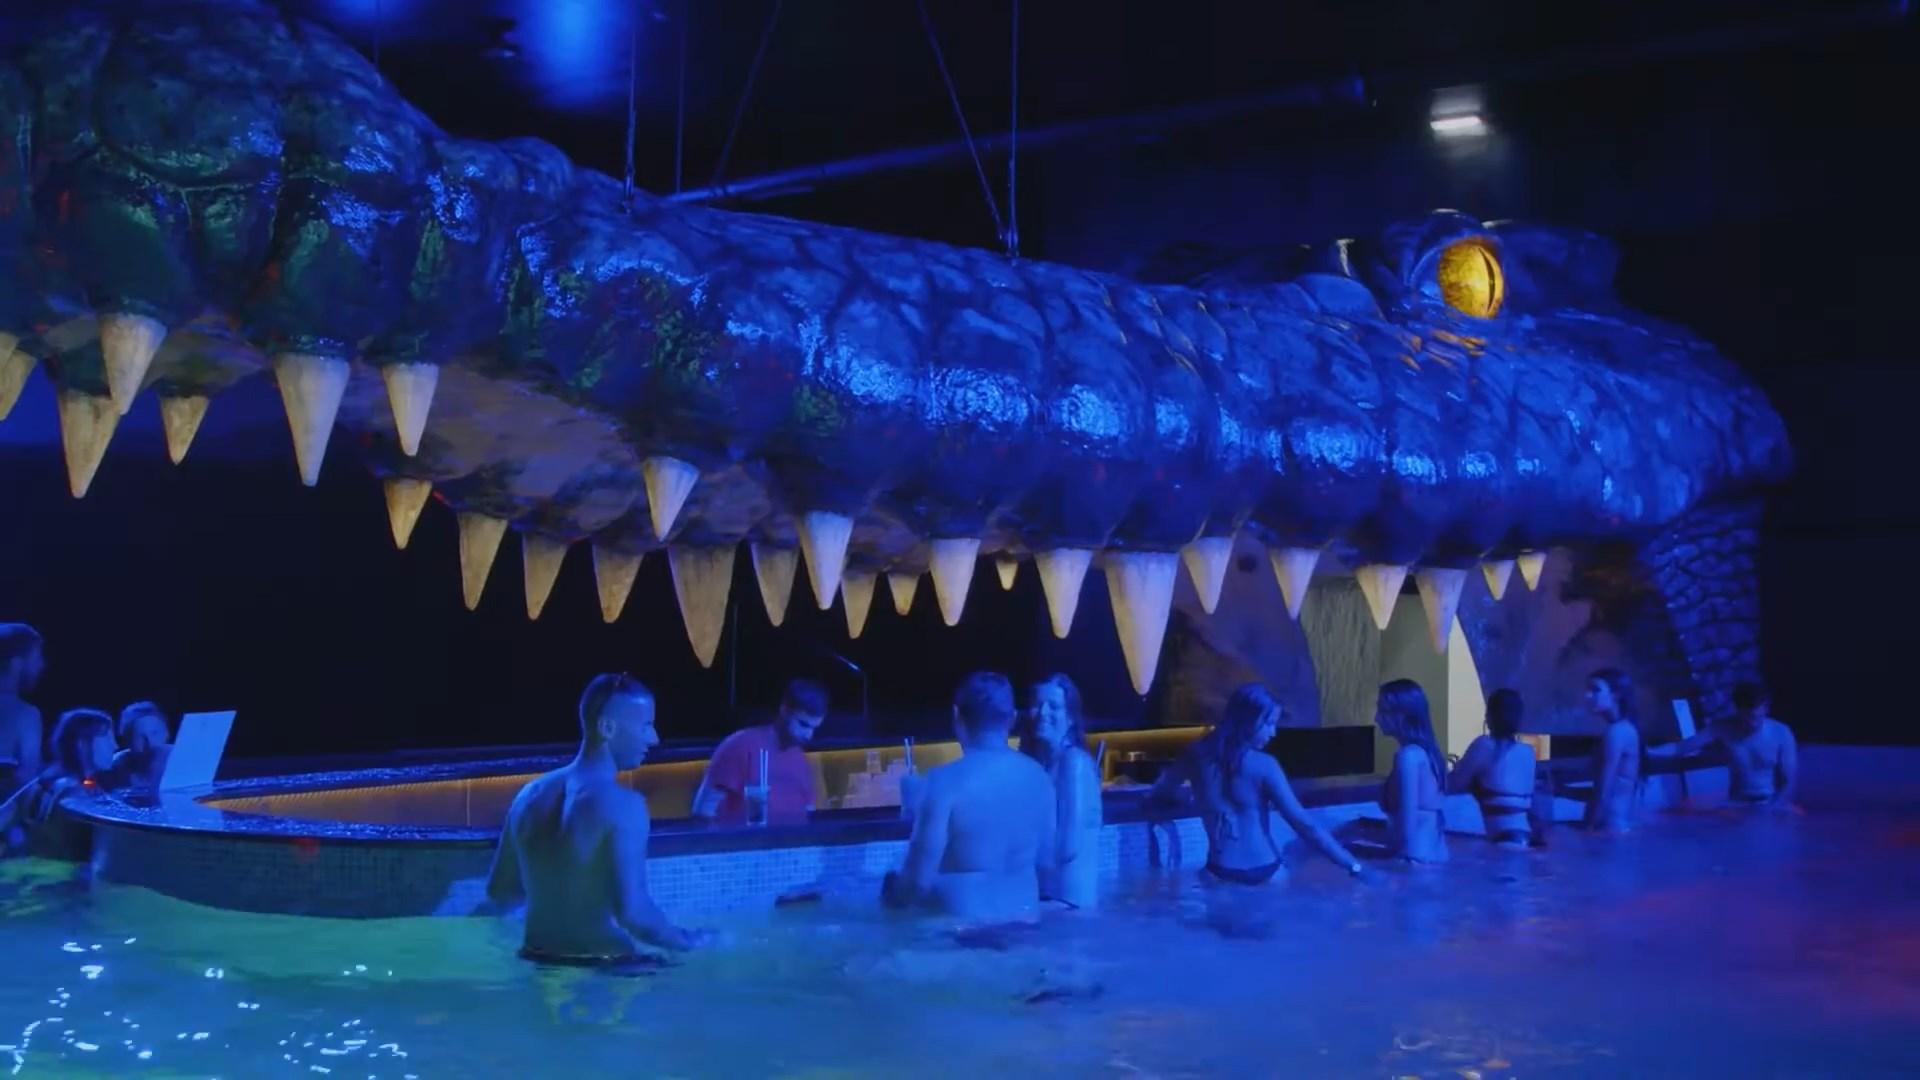 Aquacolors je mjesto zabave gdje ćete se osjećati sigurno i u ovom izazovnom dobu